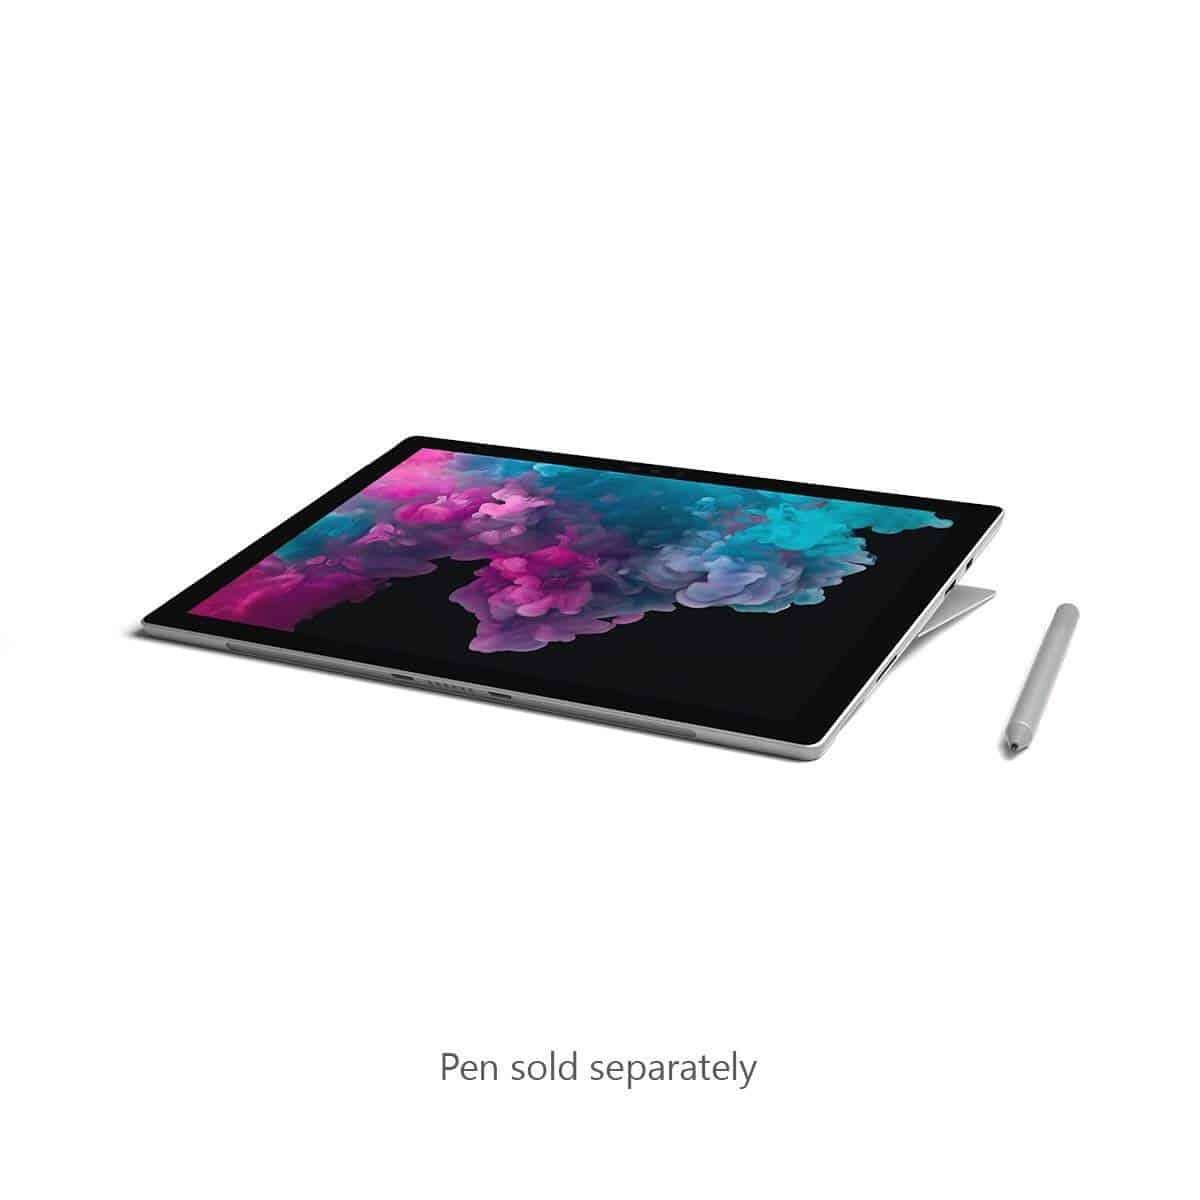 Mua-Surface-Pro-6-giá-tốt-tphcm